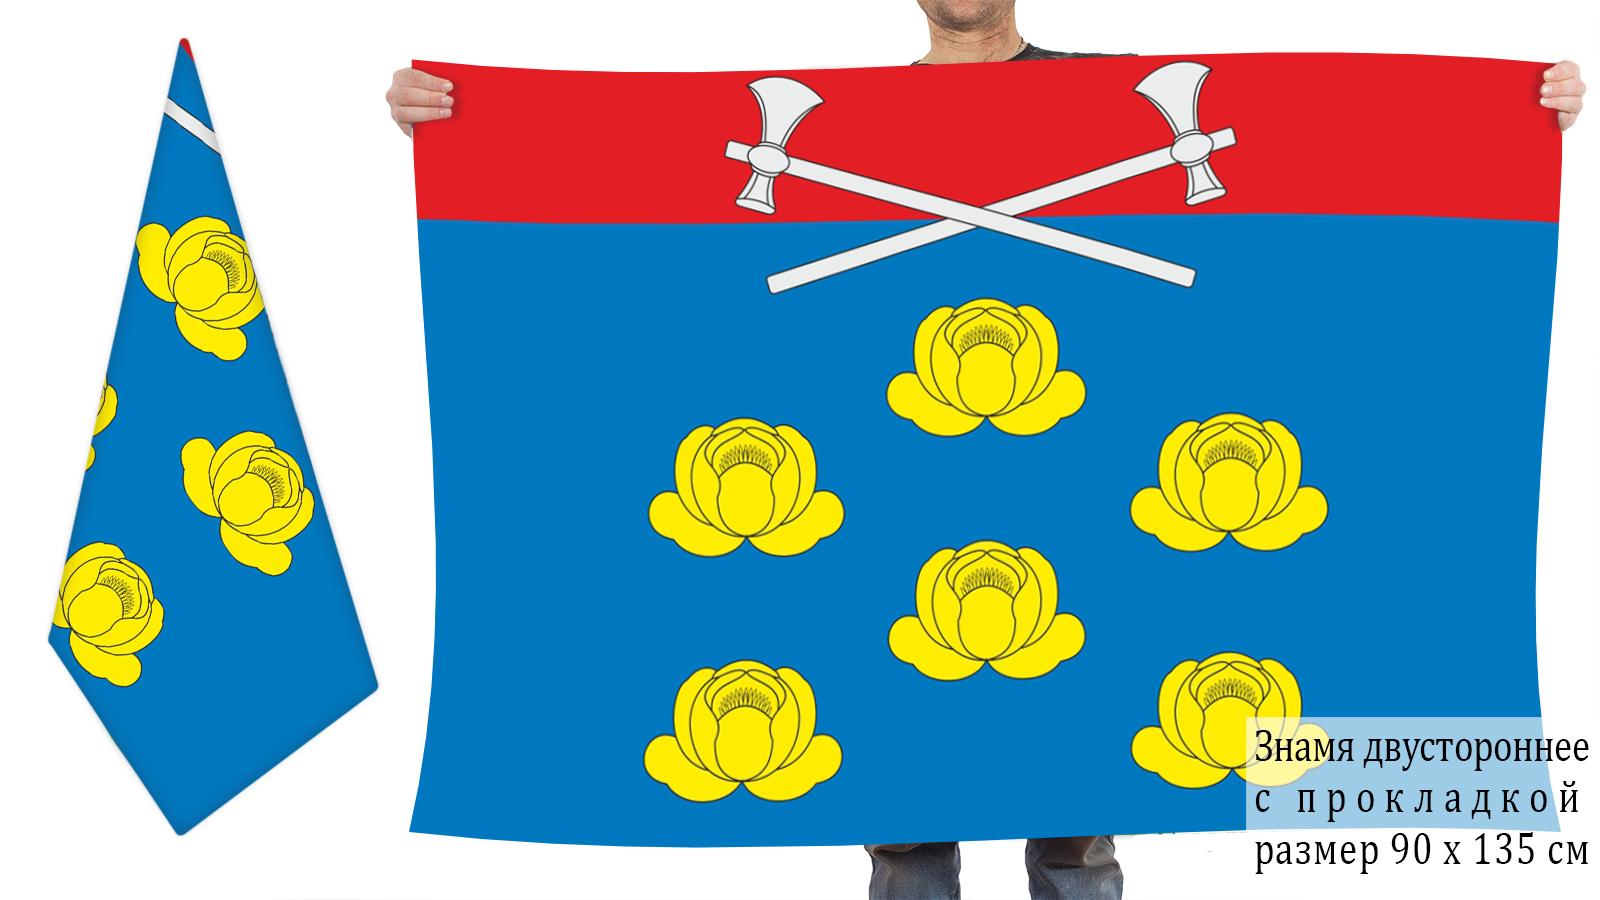 Двусторонний флаг Вальдиватского сельского поселения